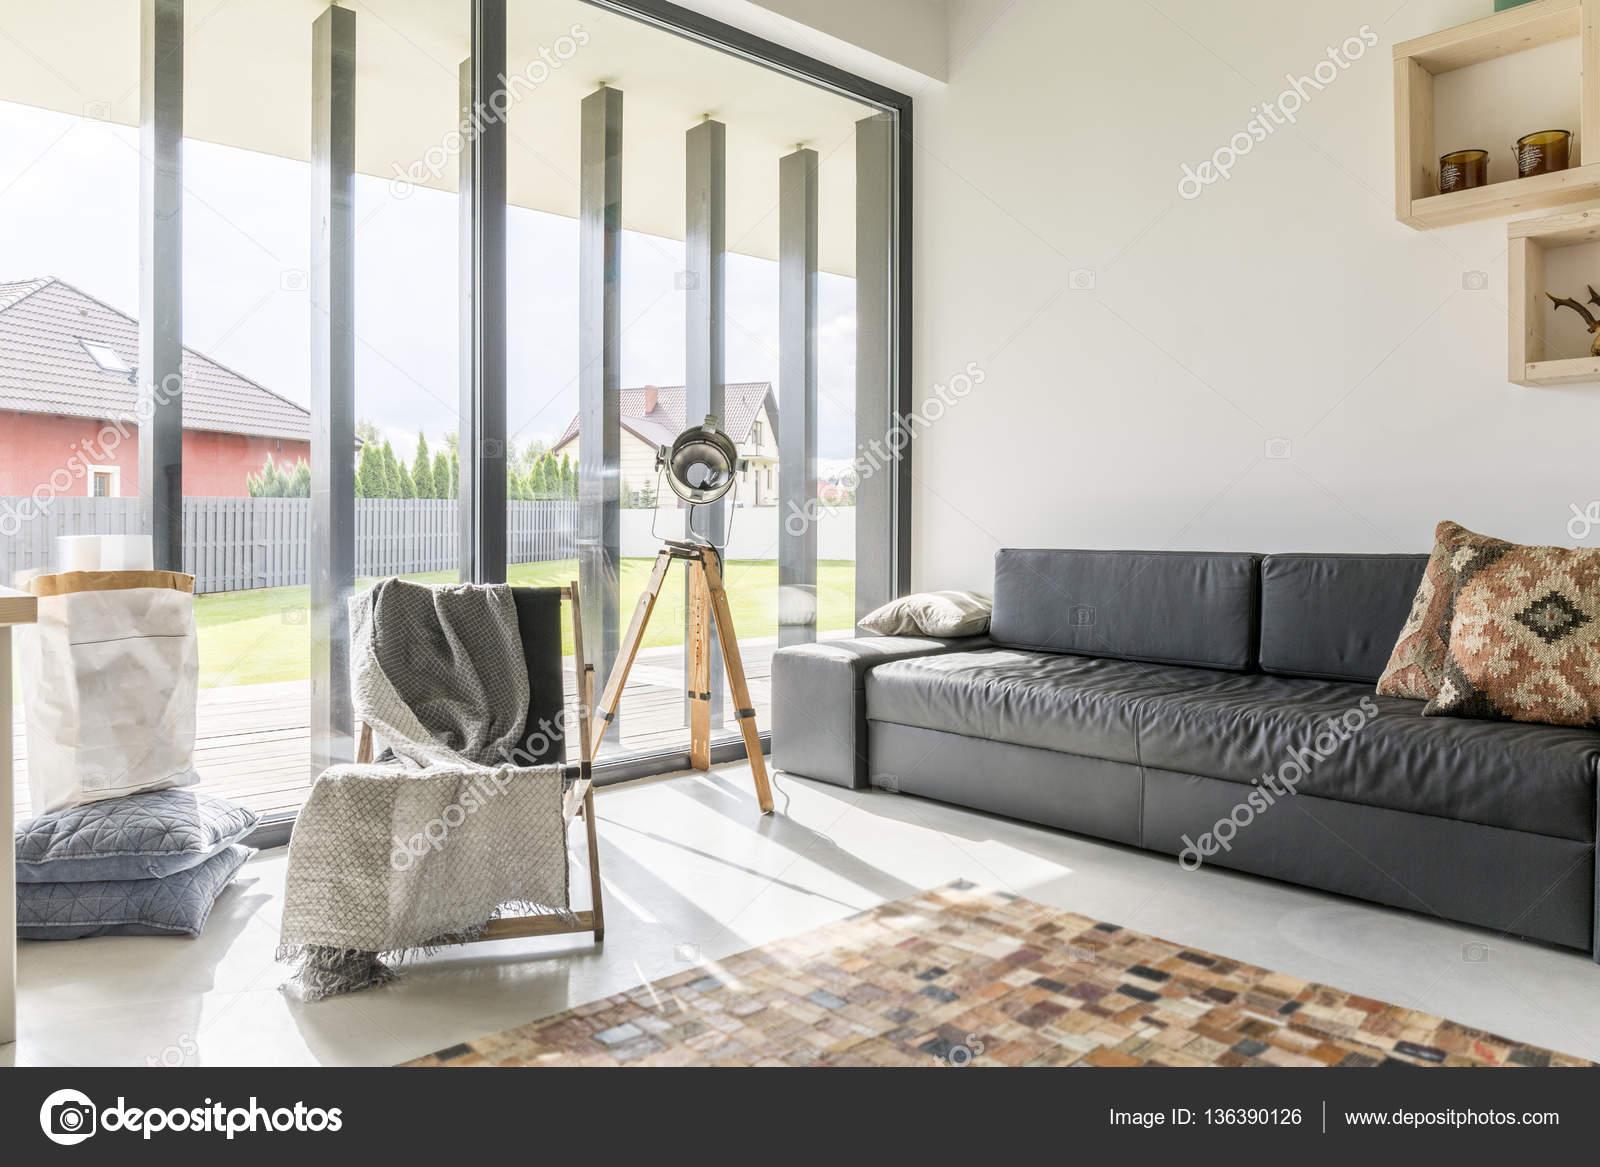 Wohnzimmer Mit Fensterfront Stockfoto Photographeeeu 136390126